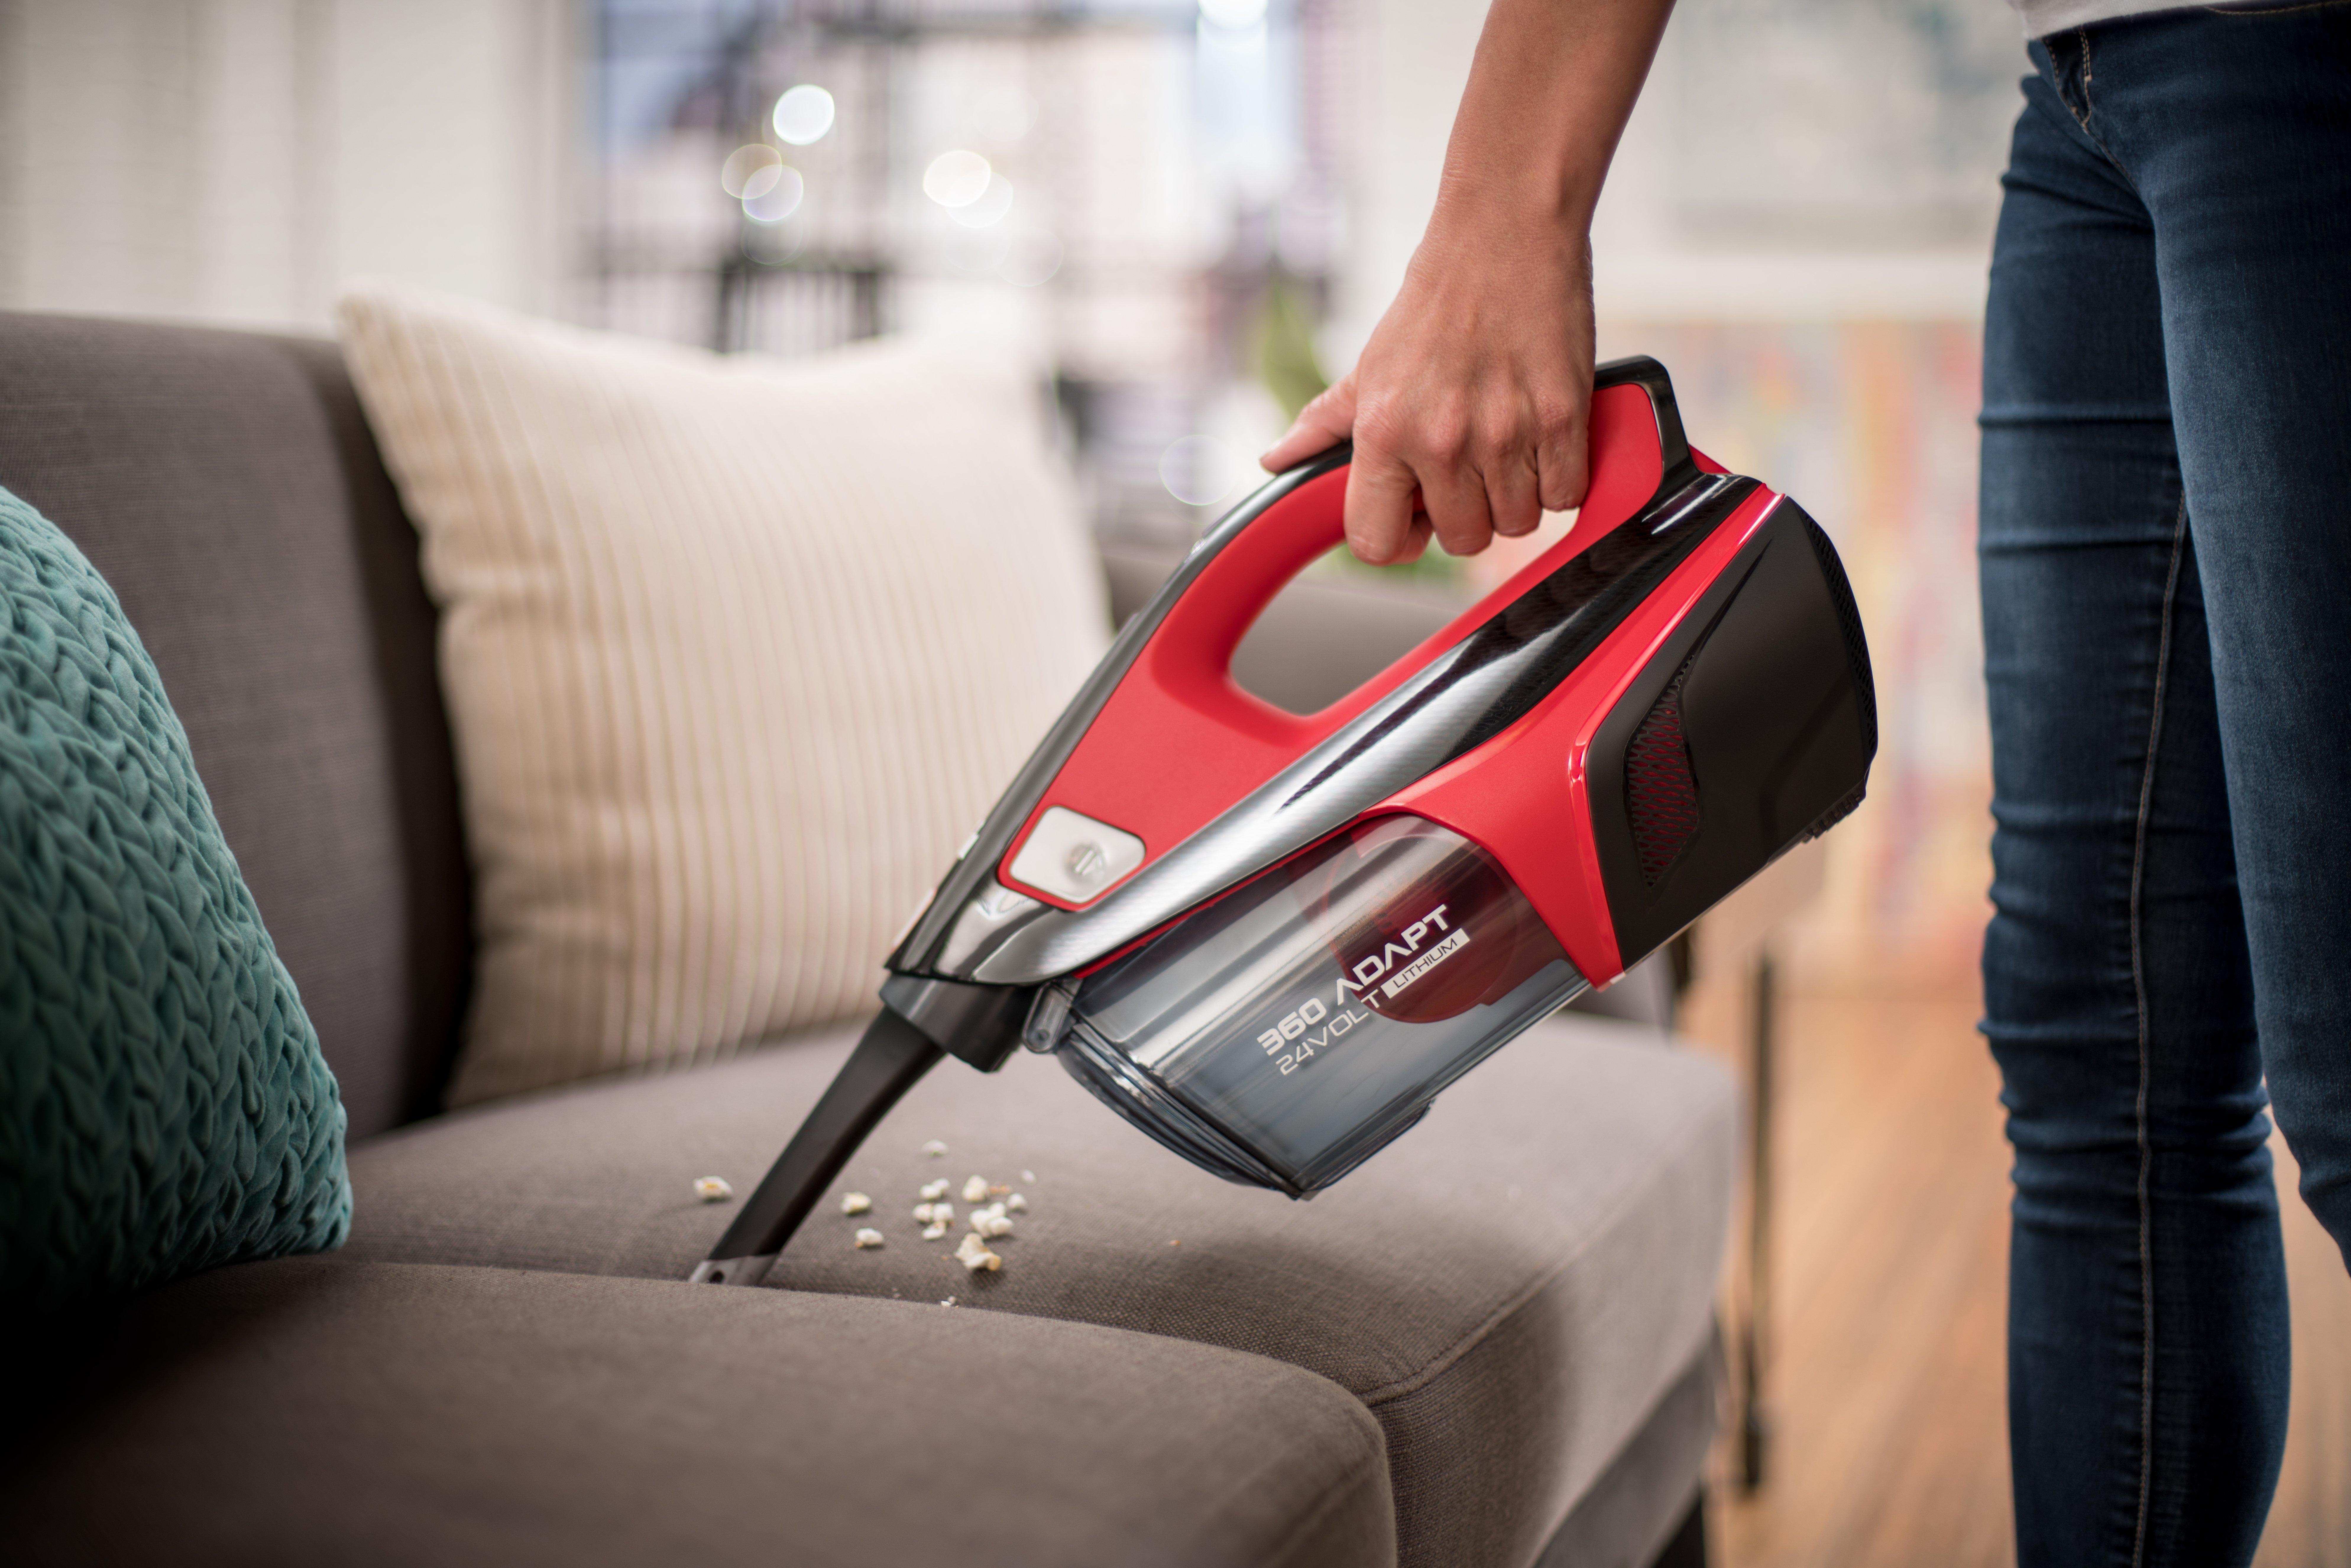 Reach Max 3-in-1 Cordless Stick Vacuum8